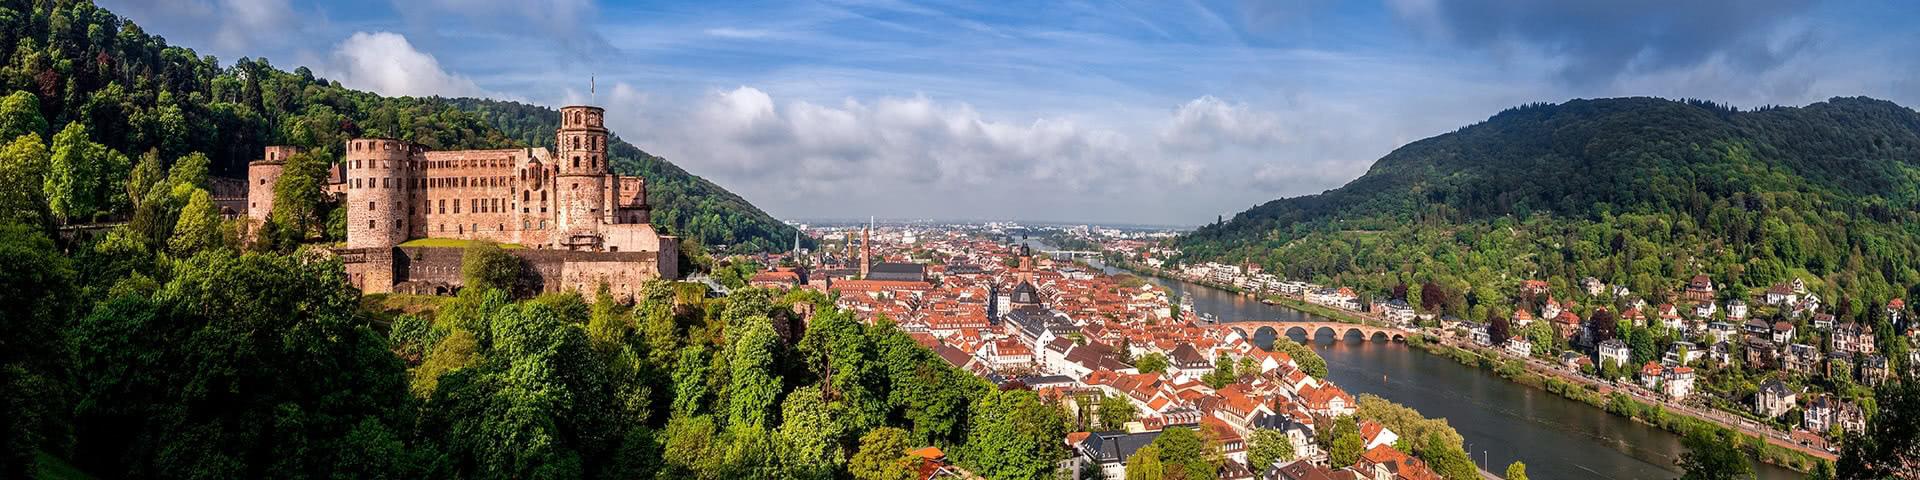 Blick auf das Schloss, die Altstadt und den Neckar in Heidelberg